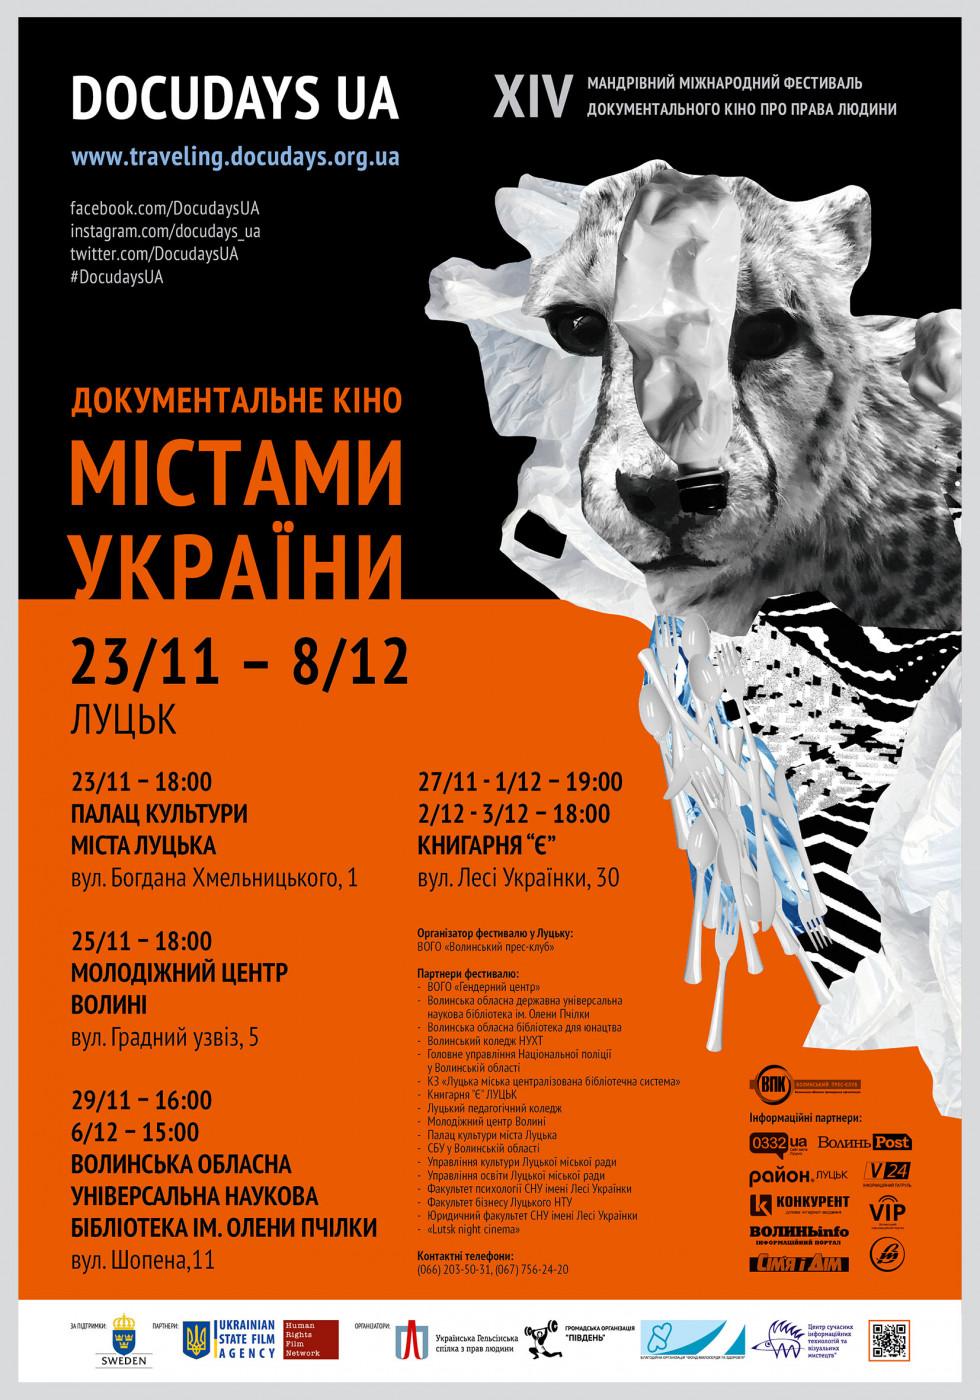 Програма фестивалю Docudays UA